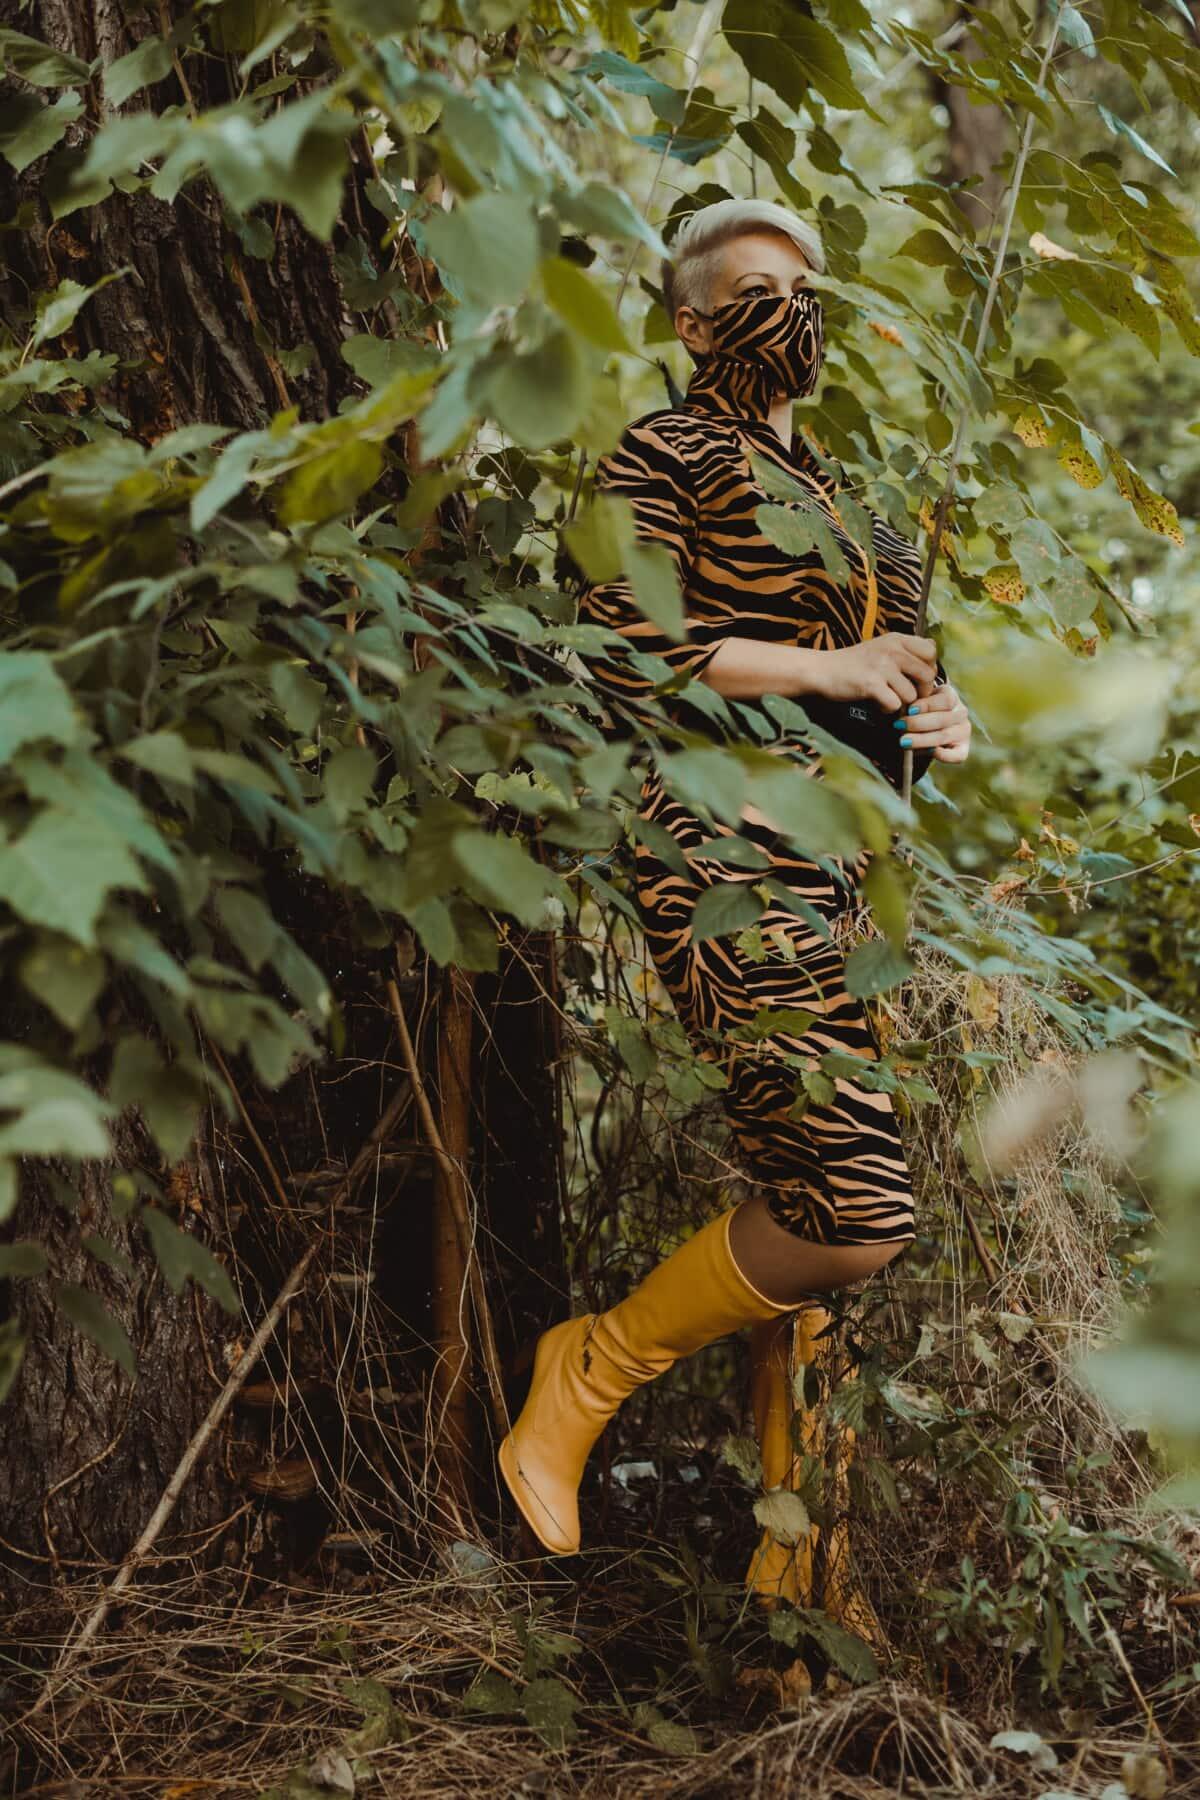 camouflage, style libre, mode, jeune femme, bottes, Jaune, jeune fille, arbre, bois, plante